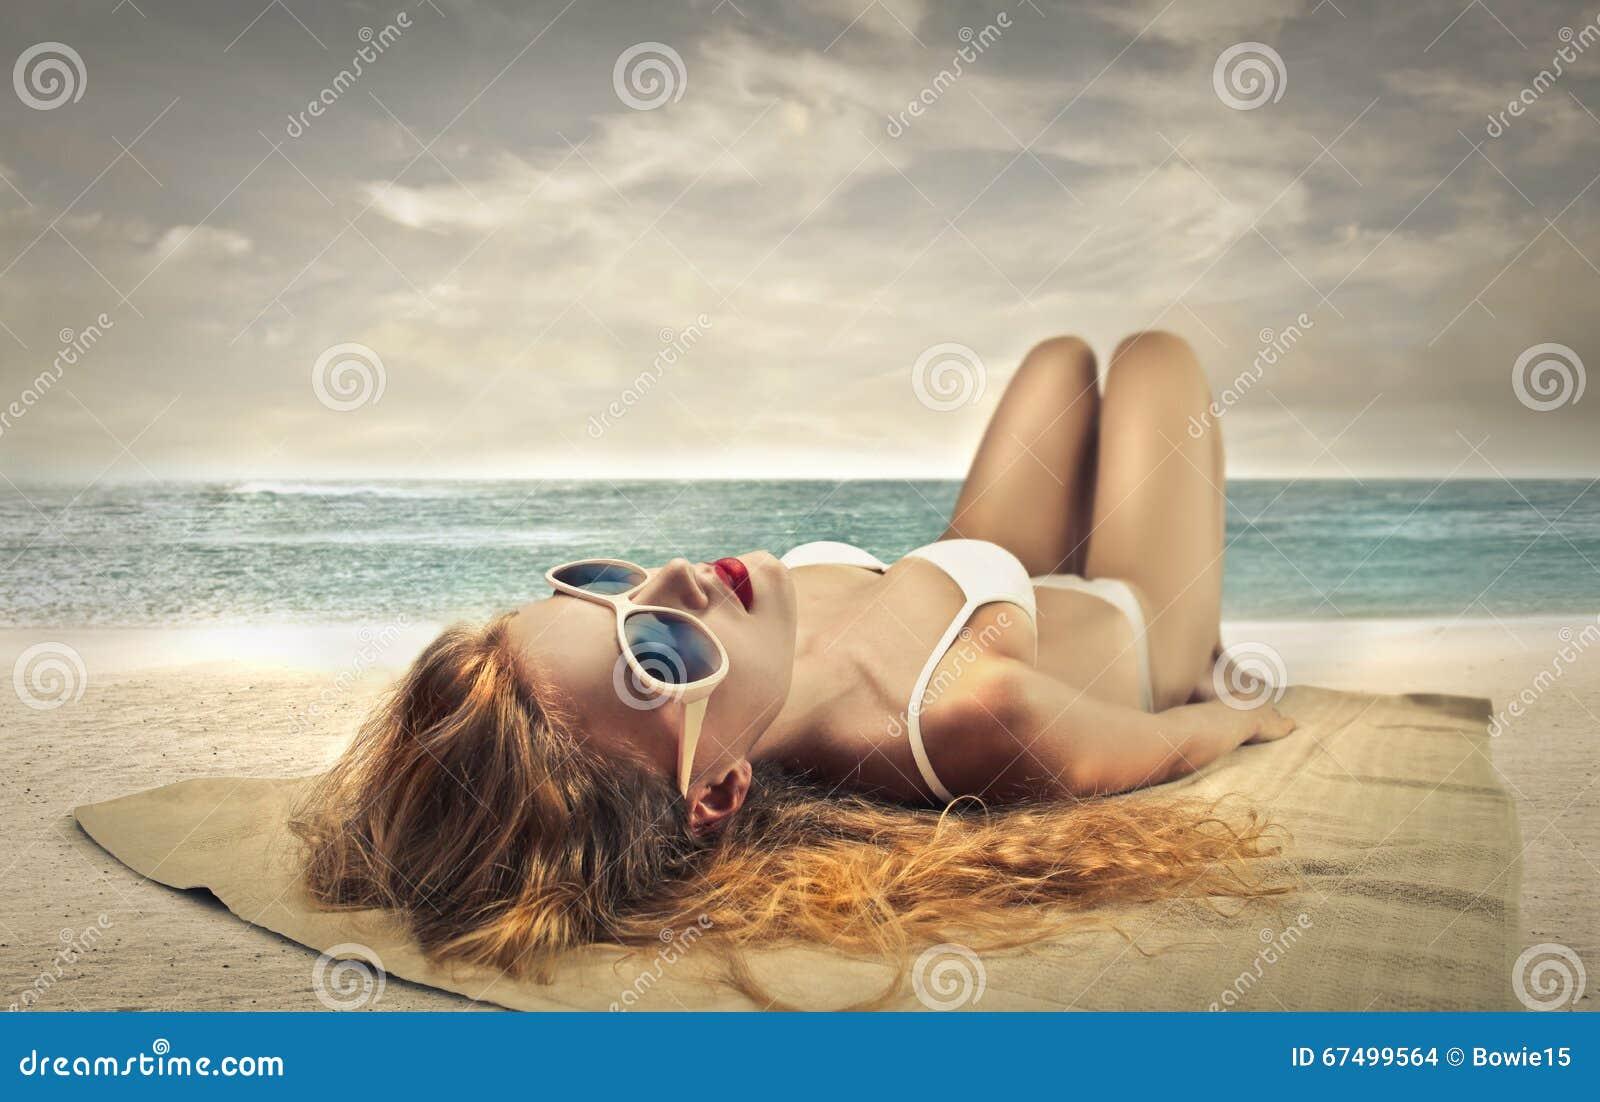 Het Zonnebaden van de vrouw